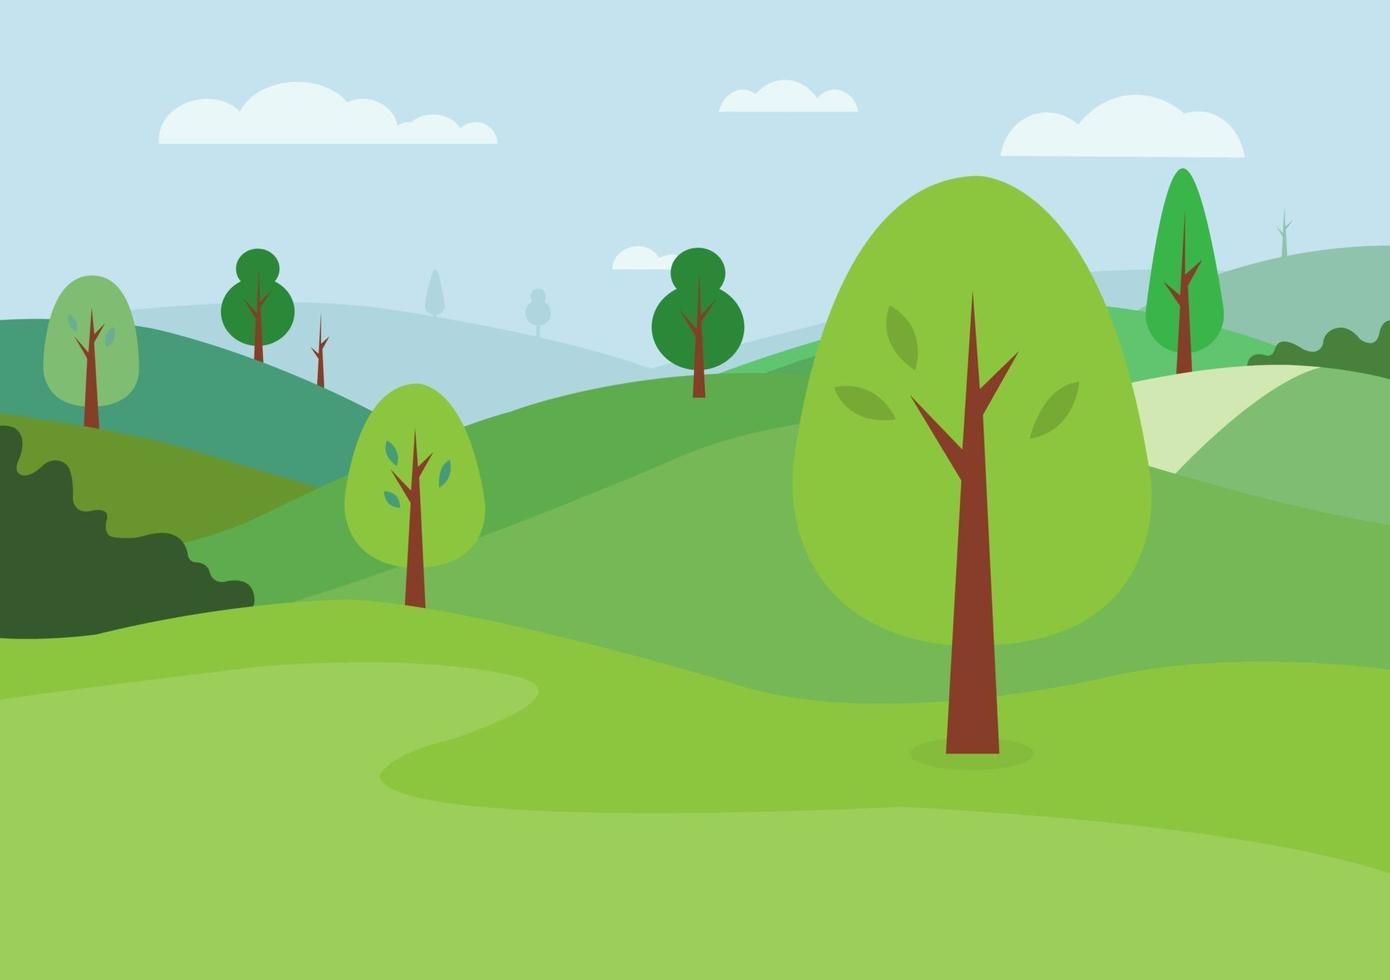 natuur landschap achtergrond vector. natuurlijke groene heuvels en hemelachtergrond. weidescène met bomen. groen park met wolken. vector